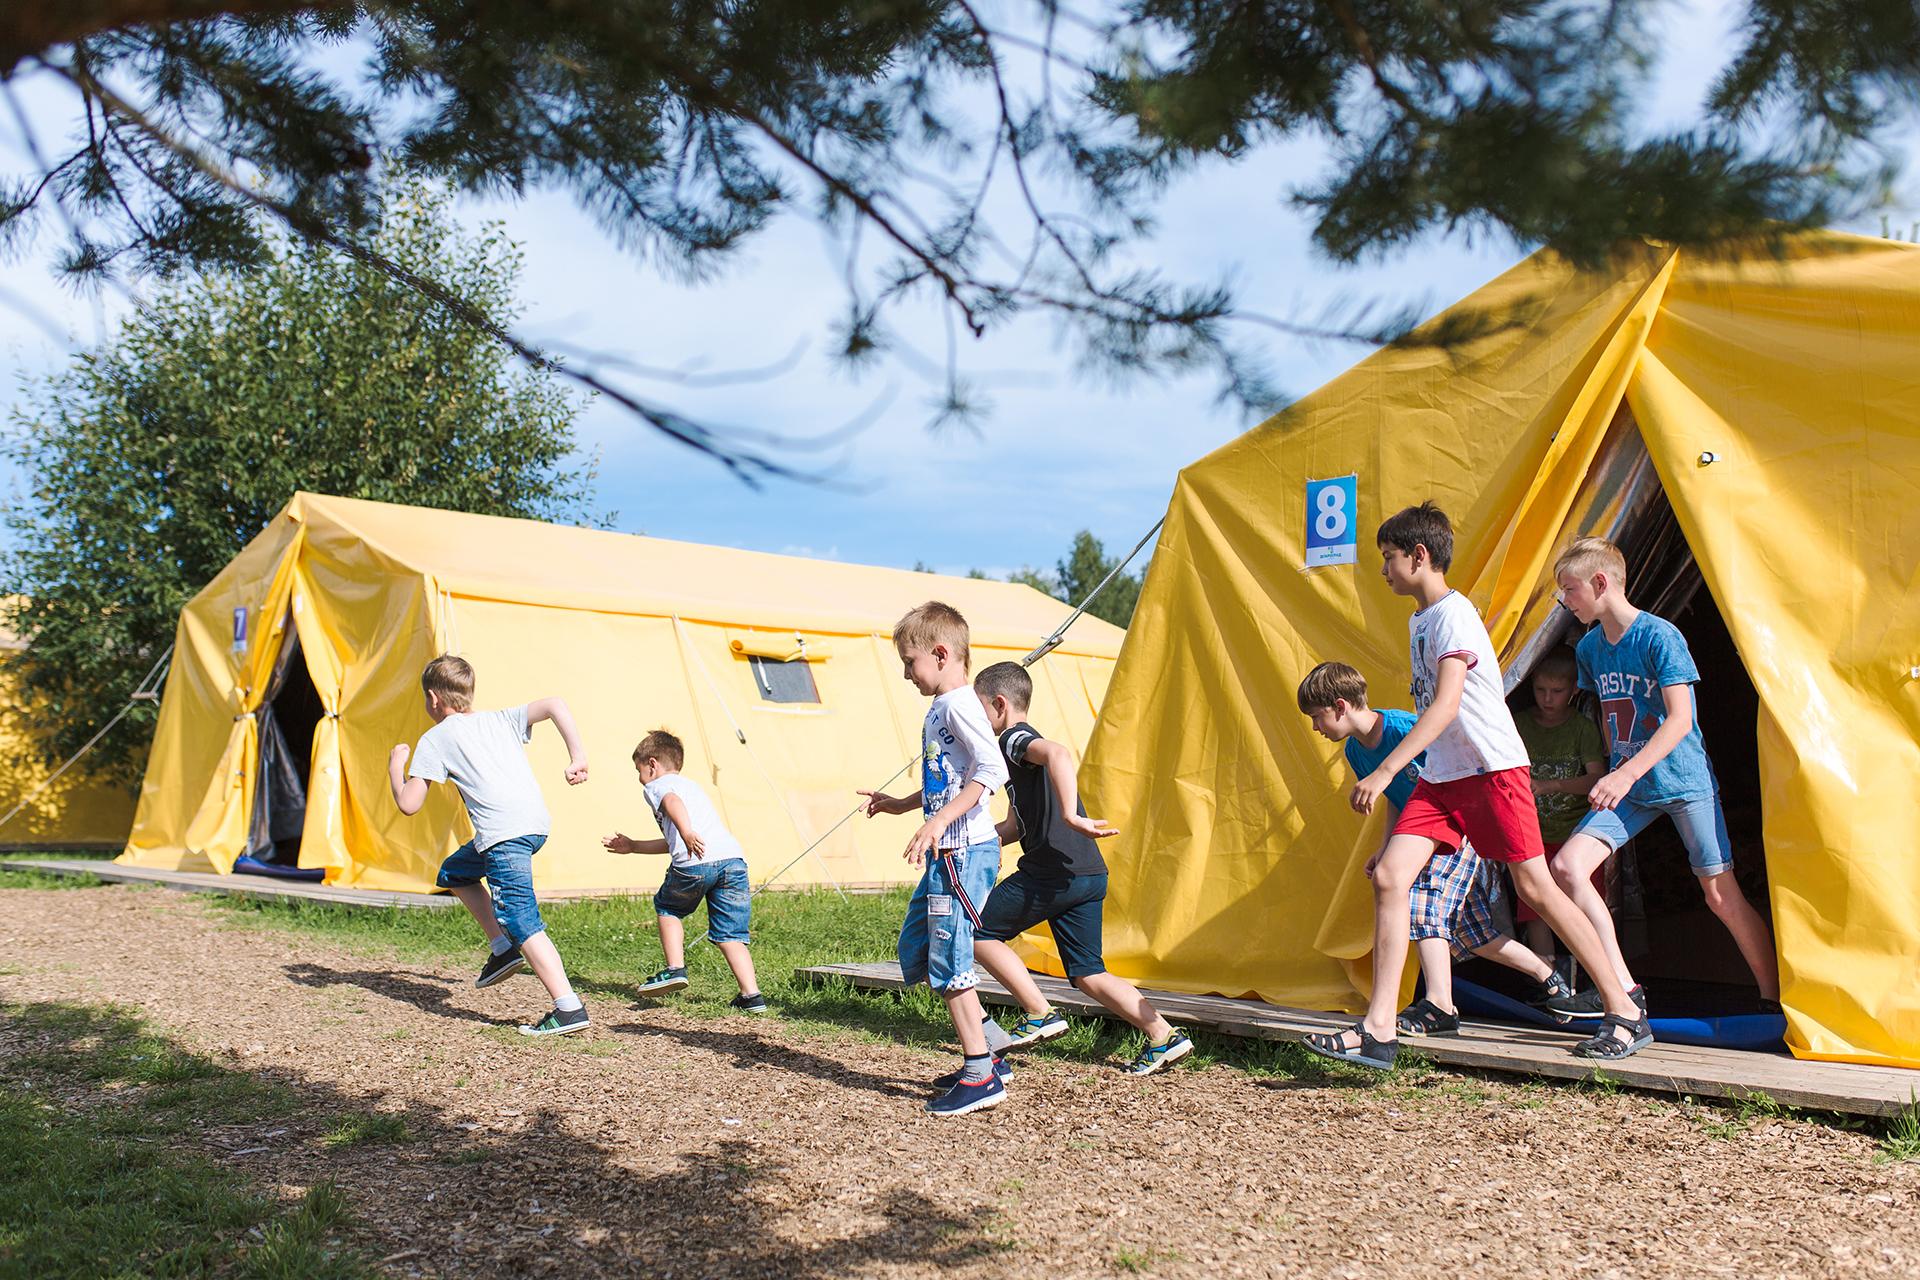 Почти 90% родителей не планируют отправлять детей в лагерь в этом году